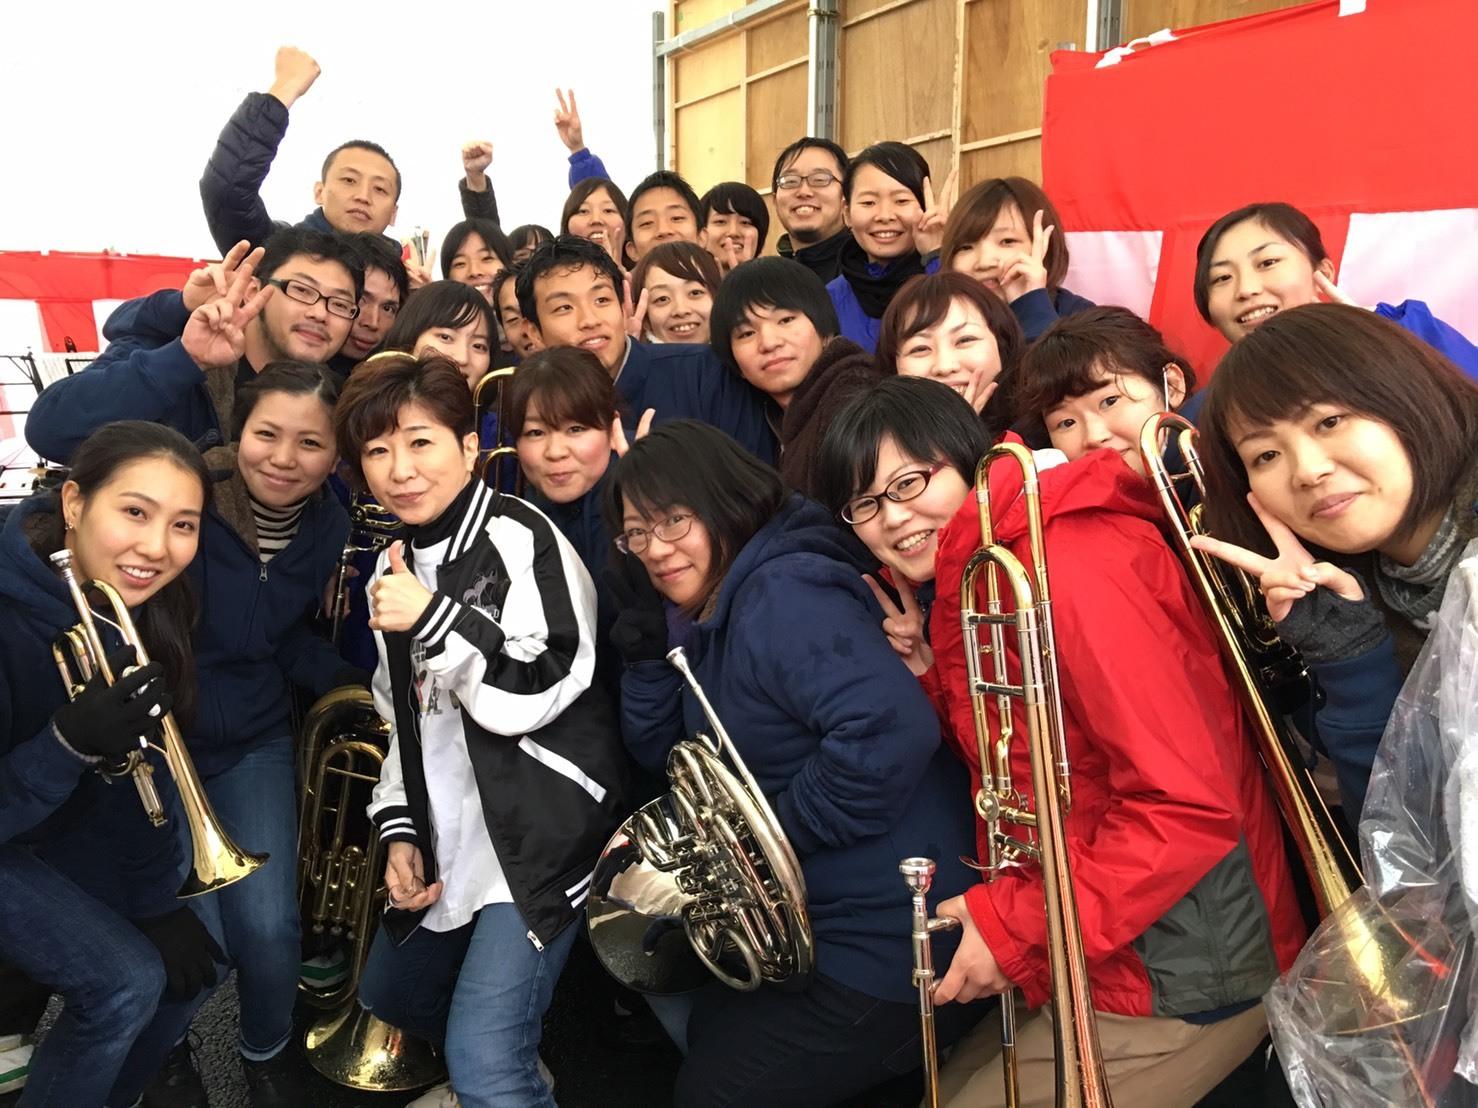 南阿蘇鉄道「ワンピースラッピング列車」出発セレモニー_a0163623_23180098.jpg